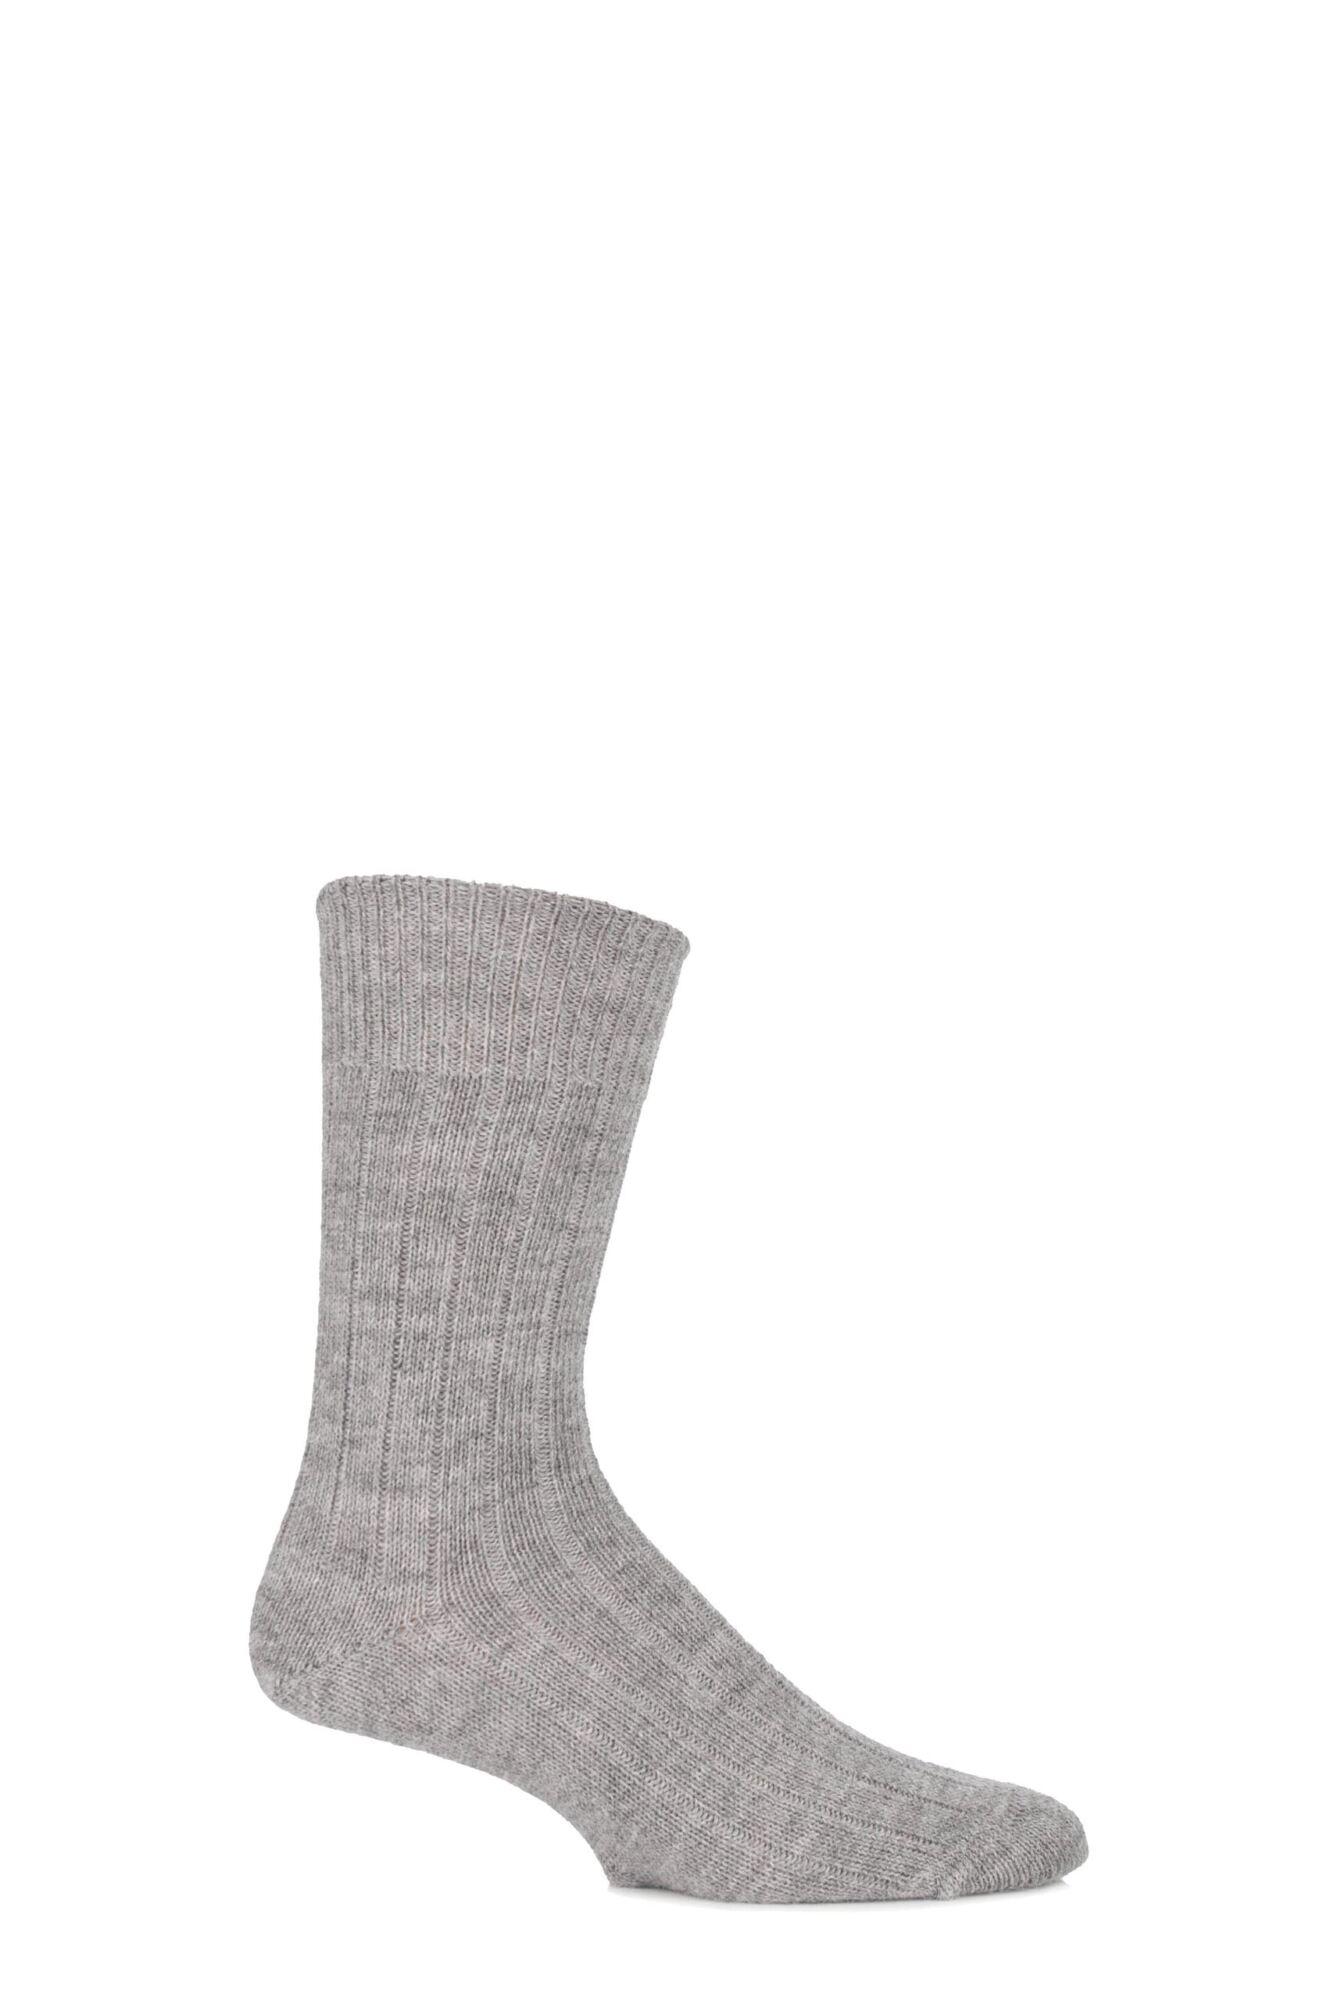 1 Pair of London Alpaca Bed Socks Unisex - SOCKSHOP of London